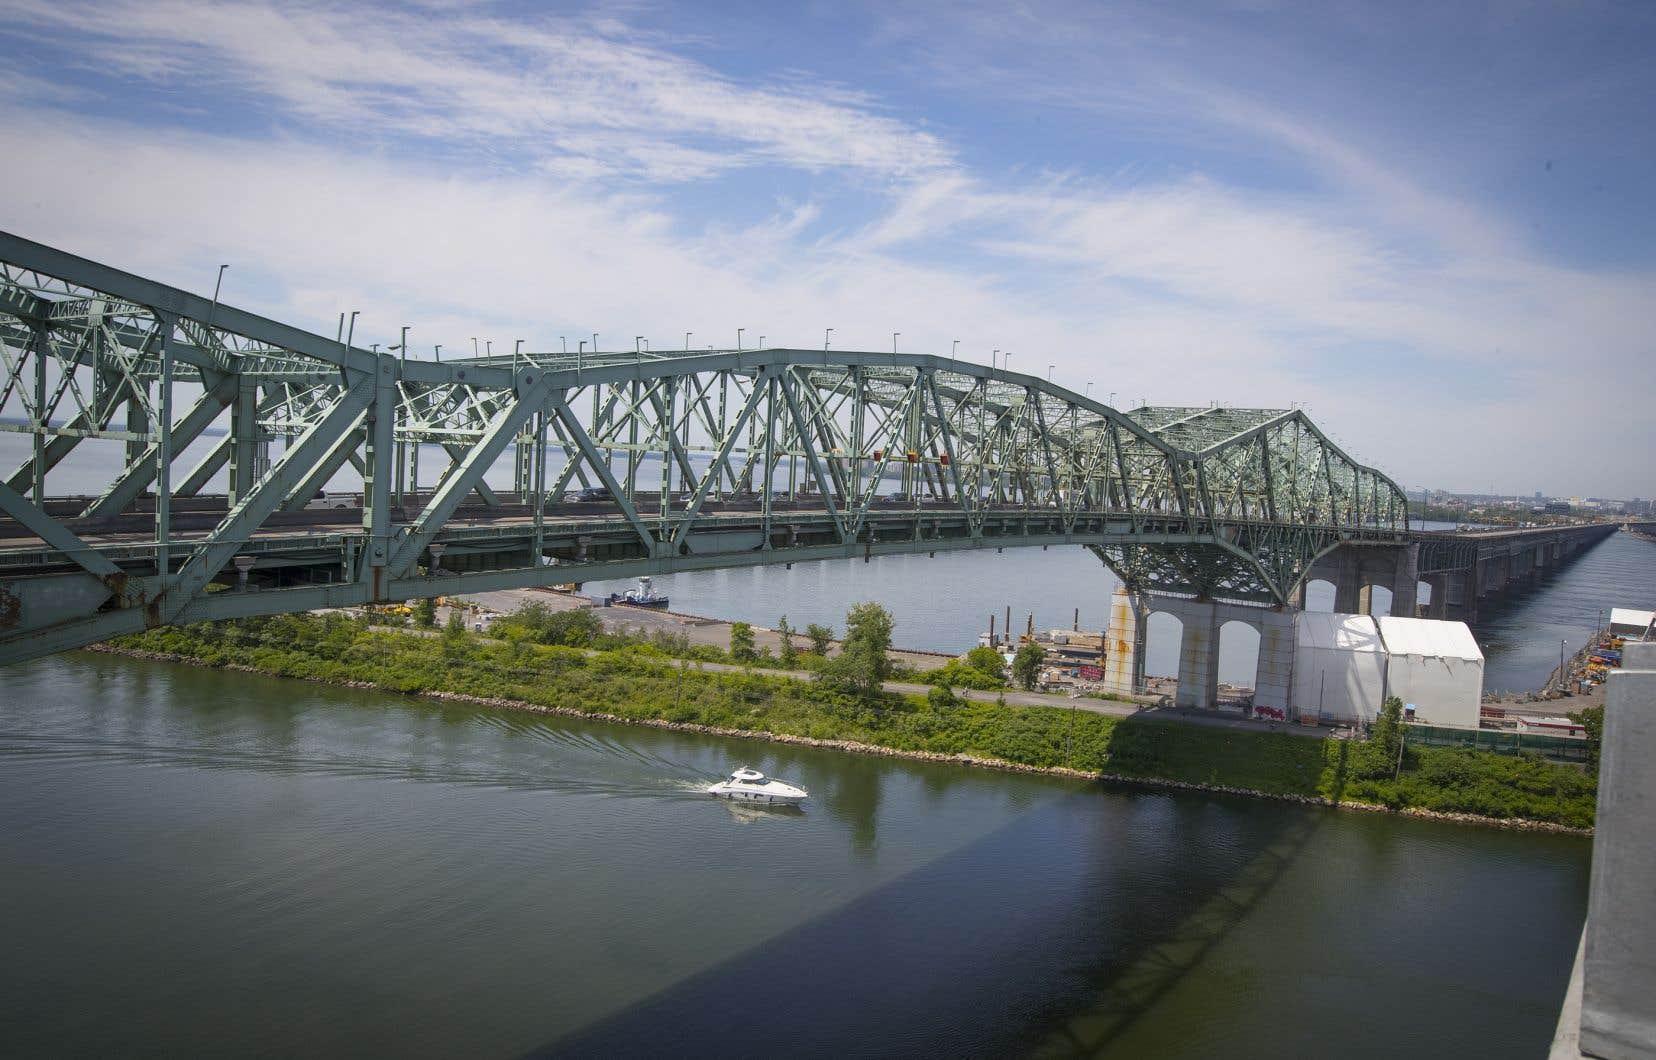 Il faudra bientôt déconstruire l'ancien pont Champlainaprès une courte vie et combien de travaux de réparation, sachant que les mauvaises décisions qui ont mené à sa construction étaient directement guidées par la recherche du plus bas prix.